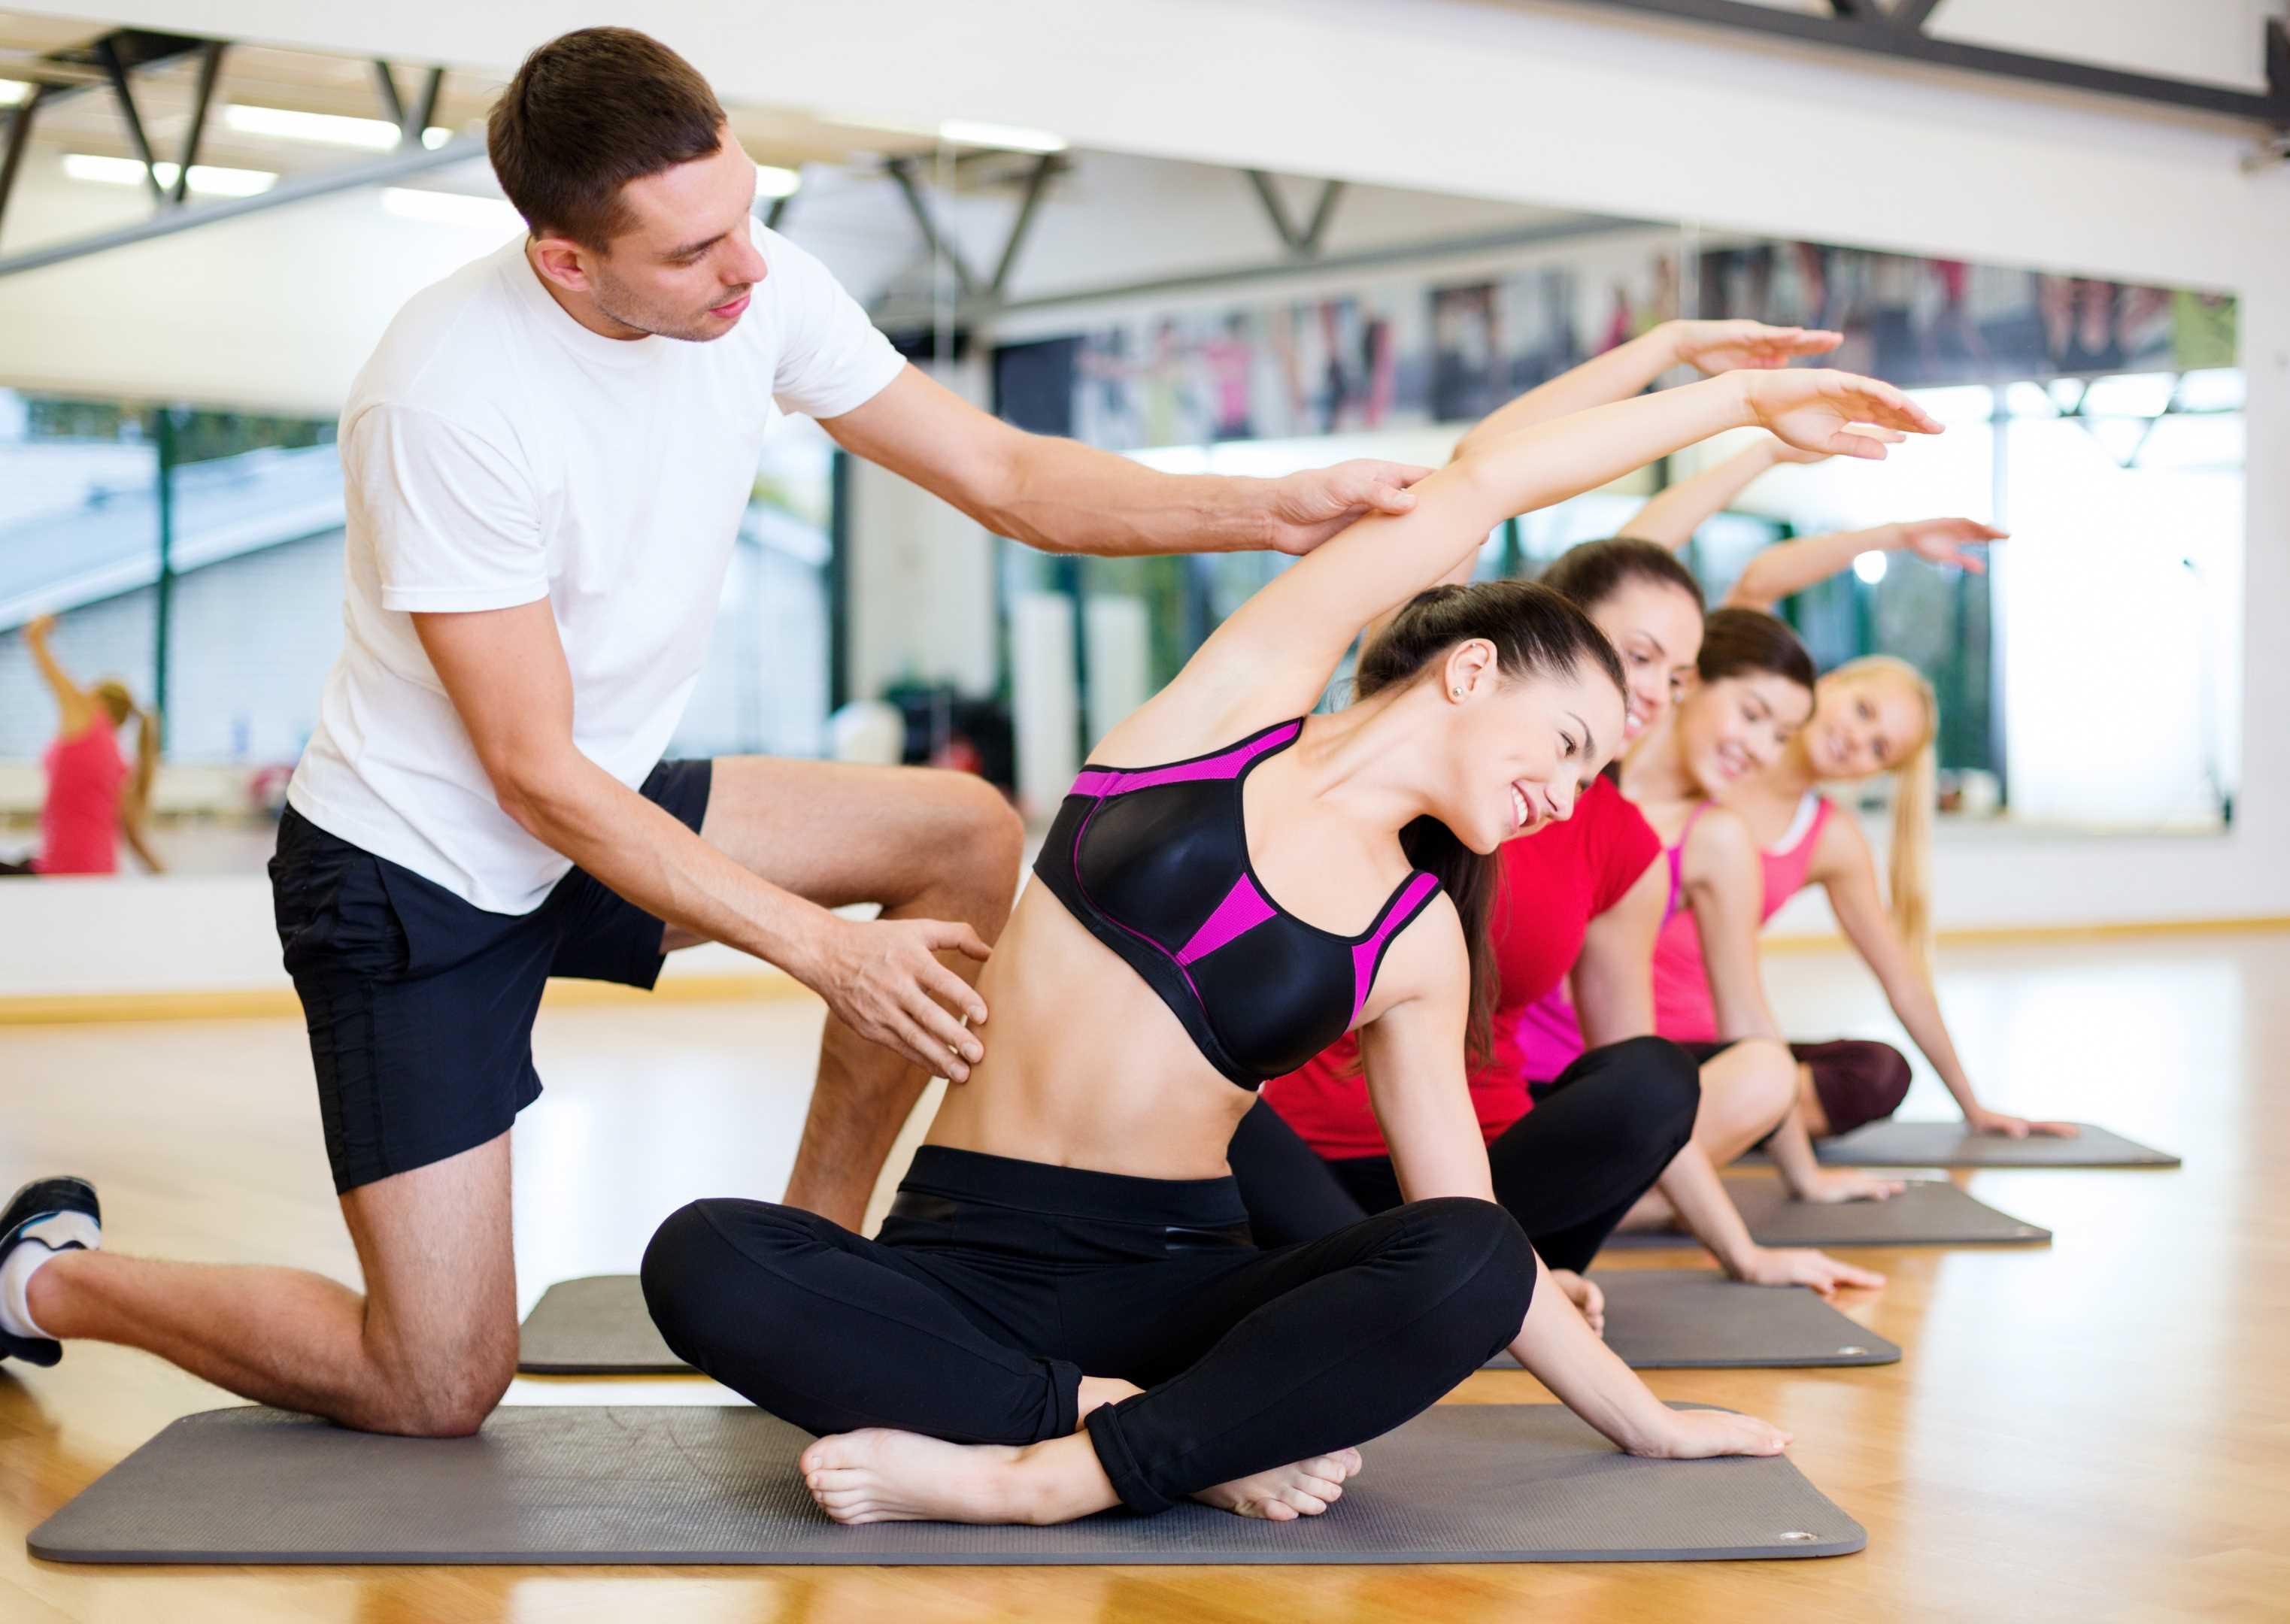 2 clases grupales de Pilates o Yoga a la semana